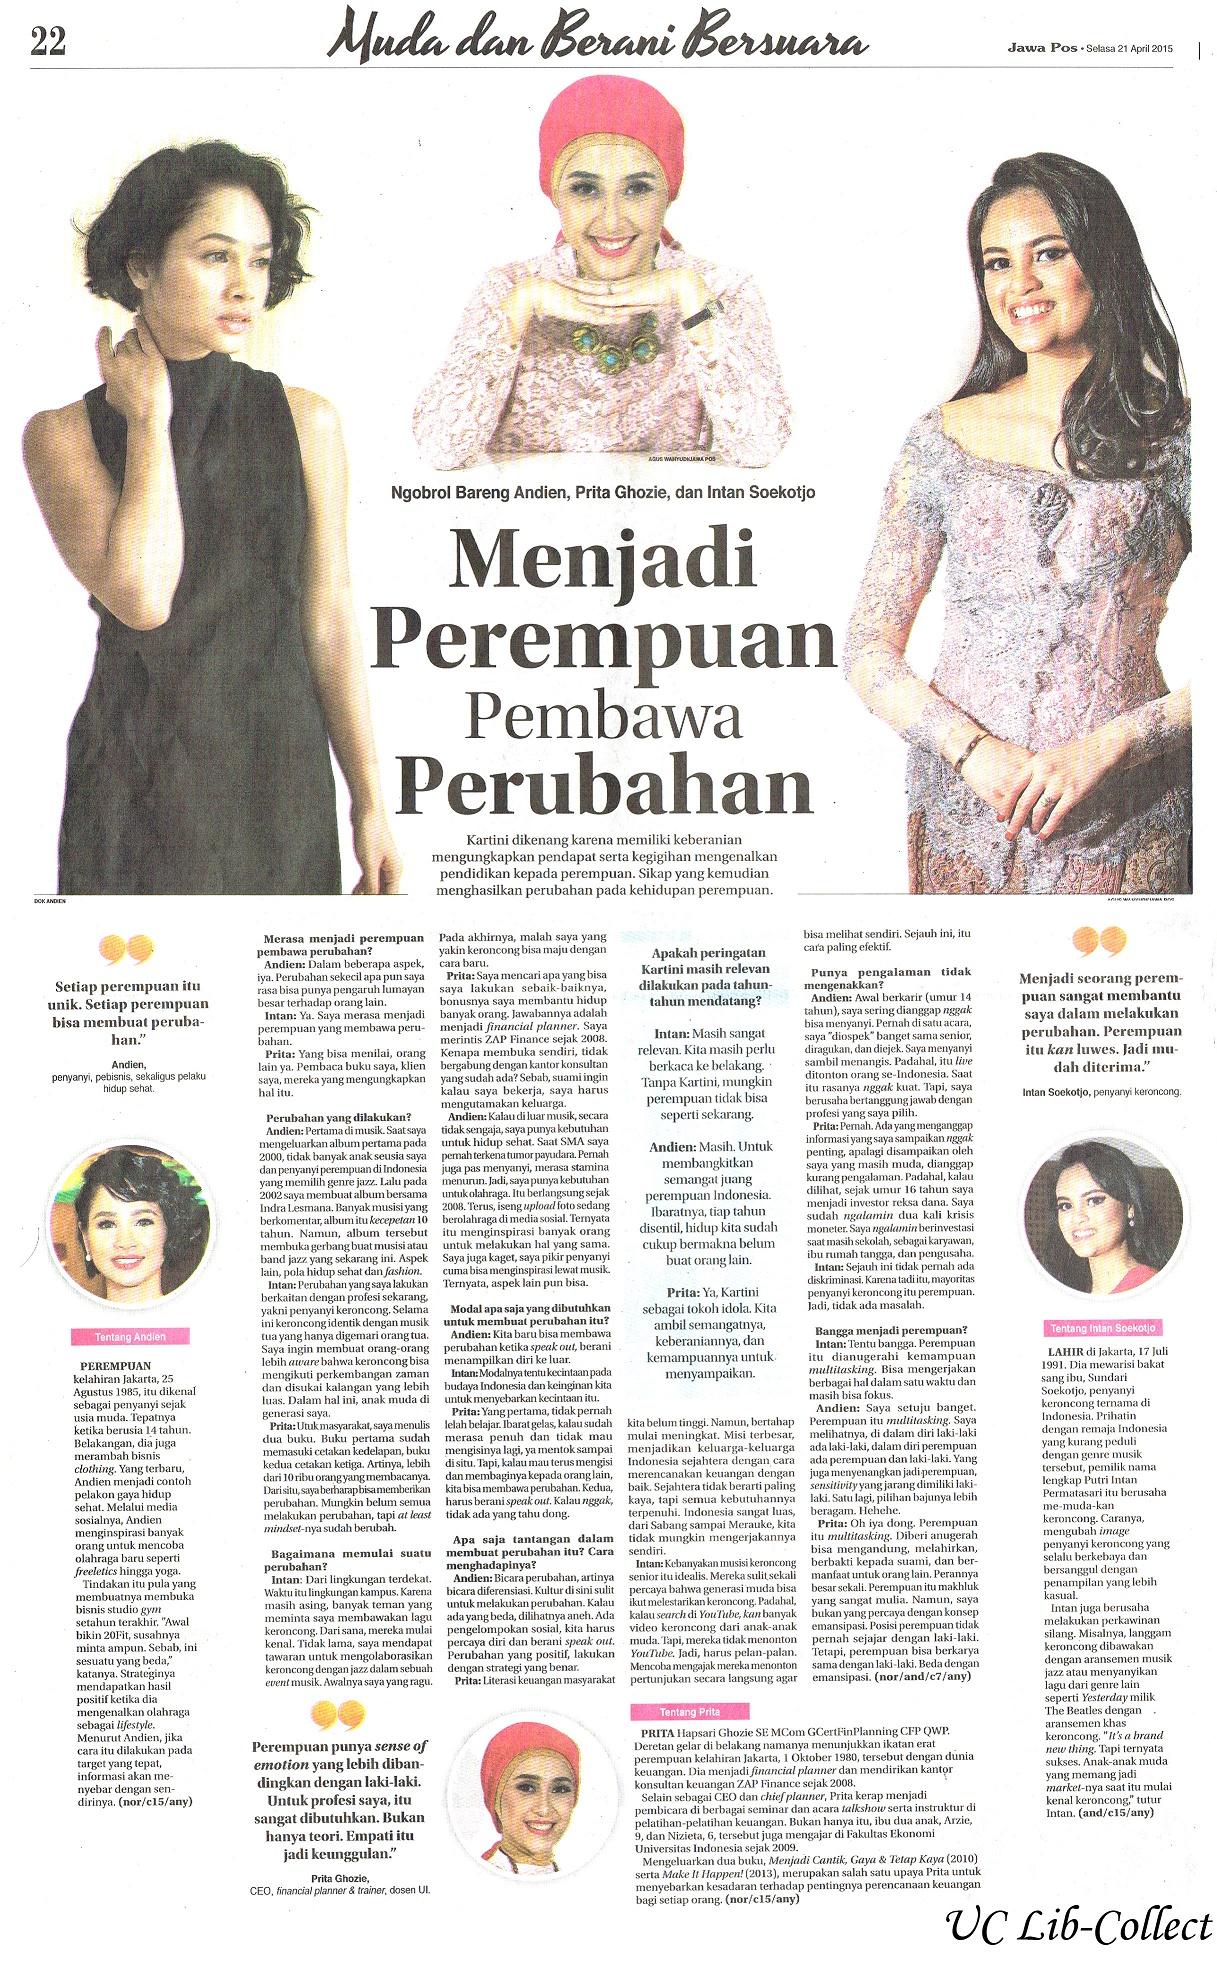 Menjadi Perempuan Pembawa Perubahan. Jawa Pos. 21 April 2014.Hal.22